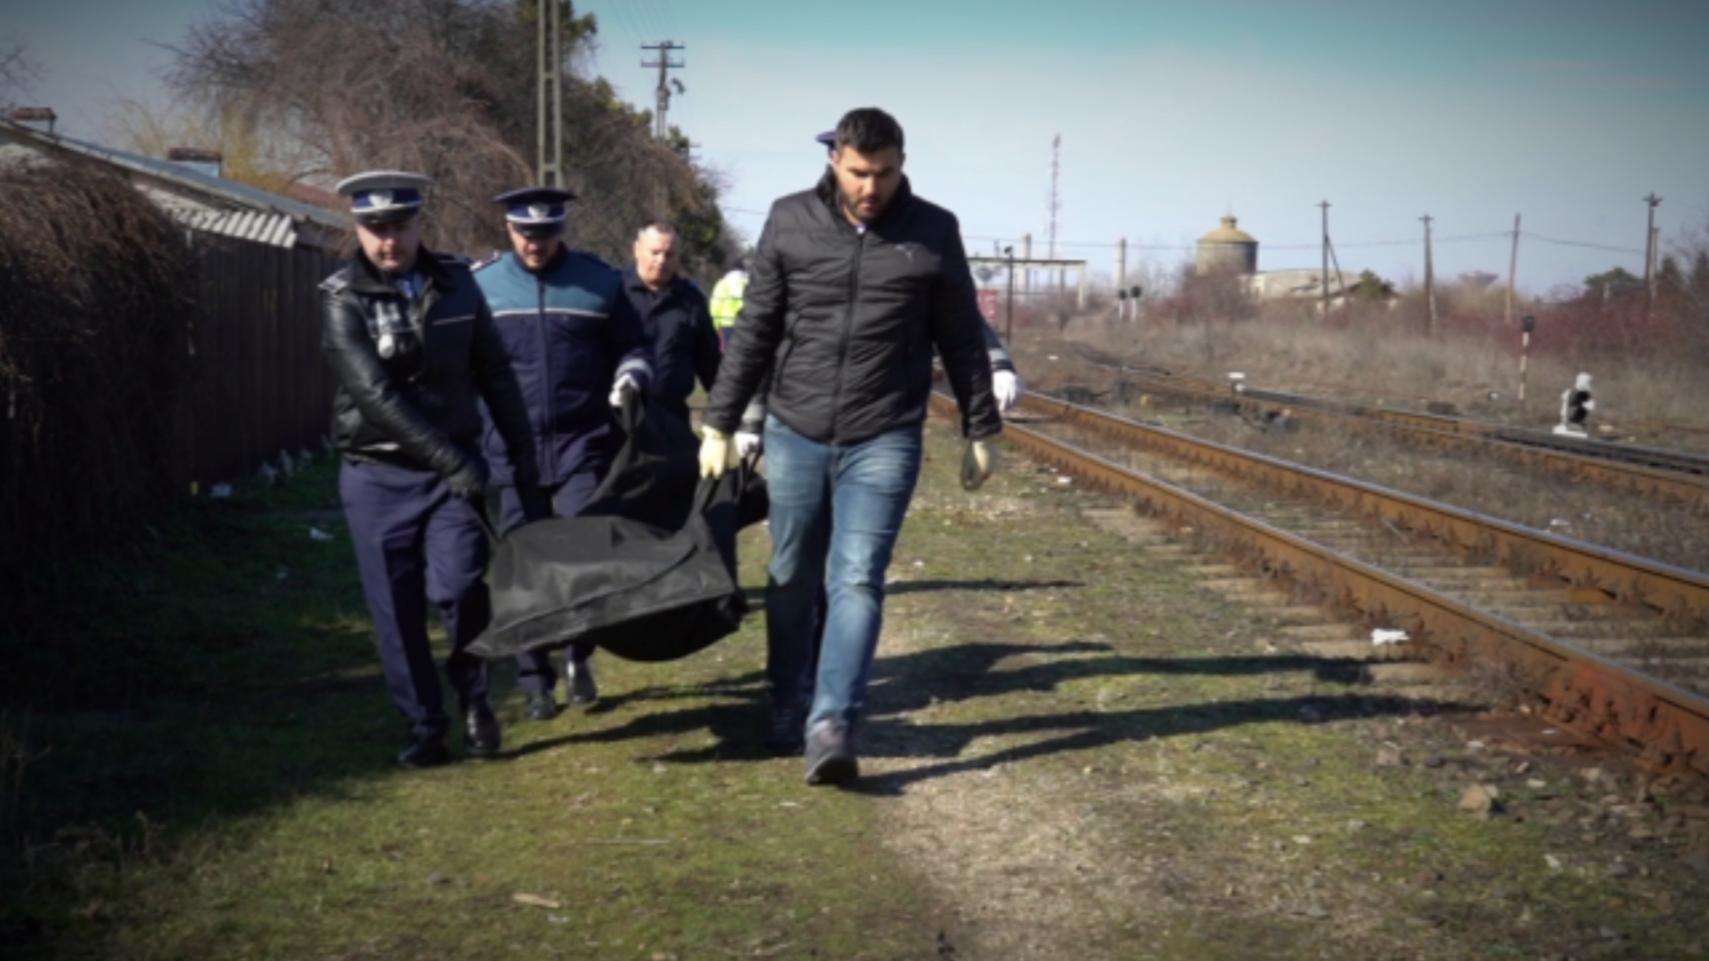 Un bărbat a murit după ce s-a aruncat în faţa trenului în apropierea staţie din Titu, județul Dâmbovița